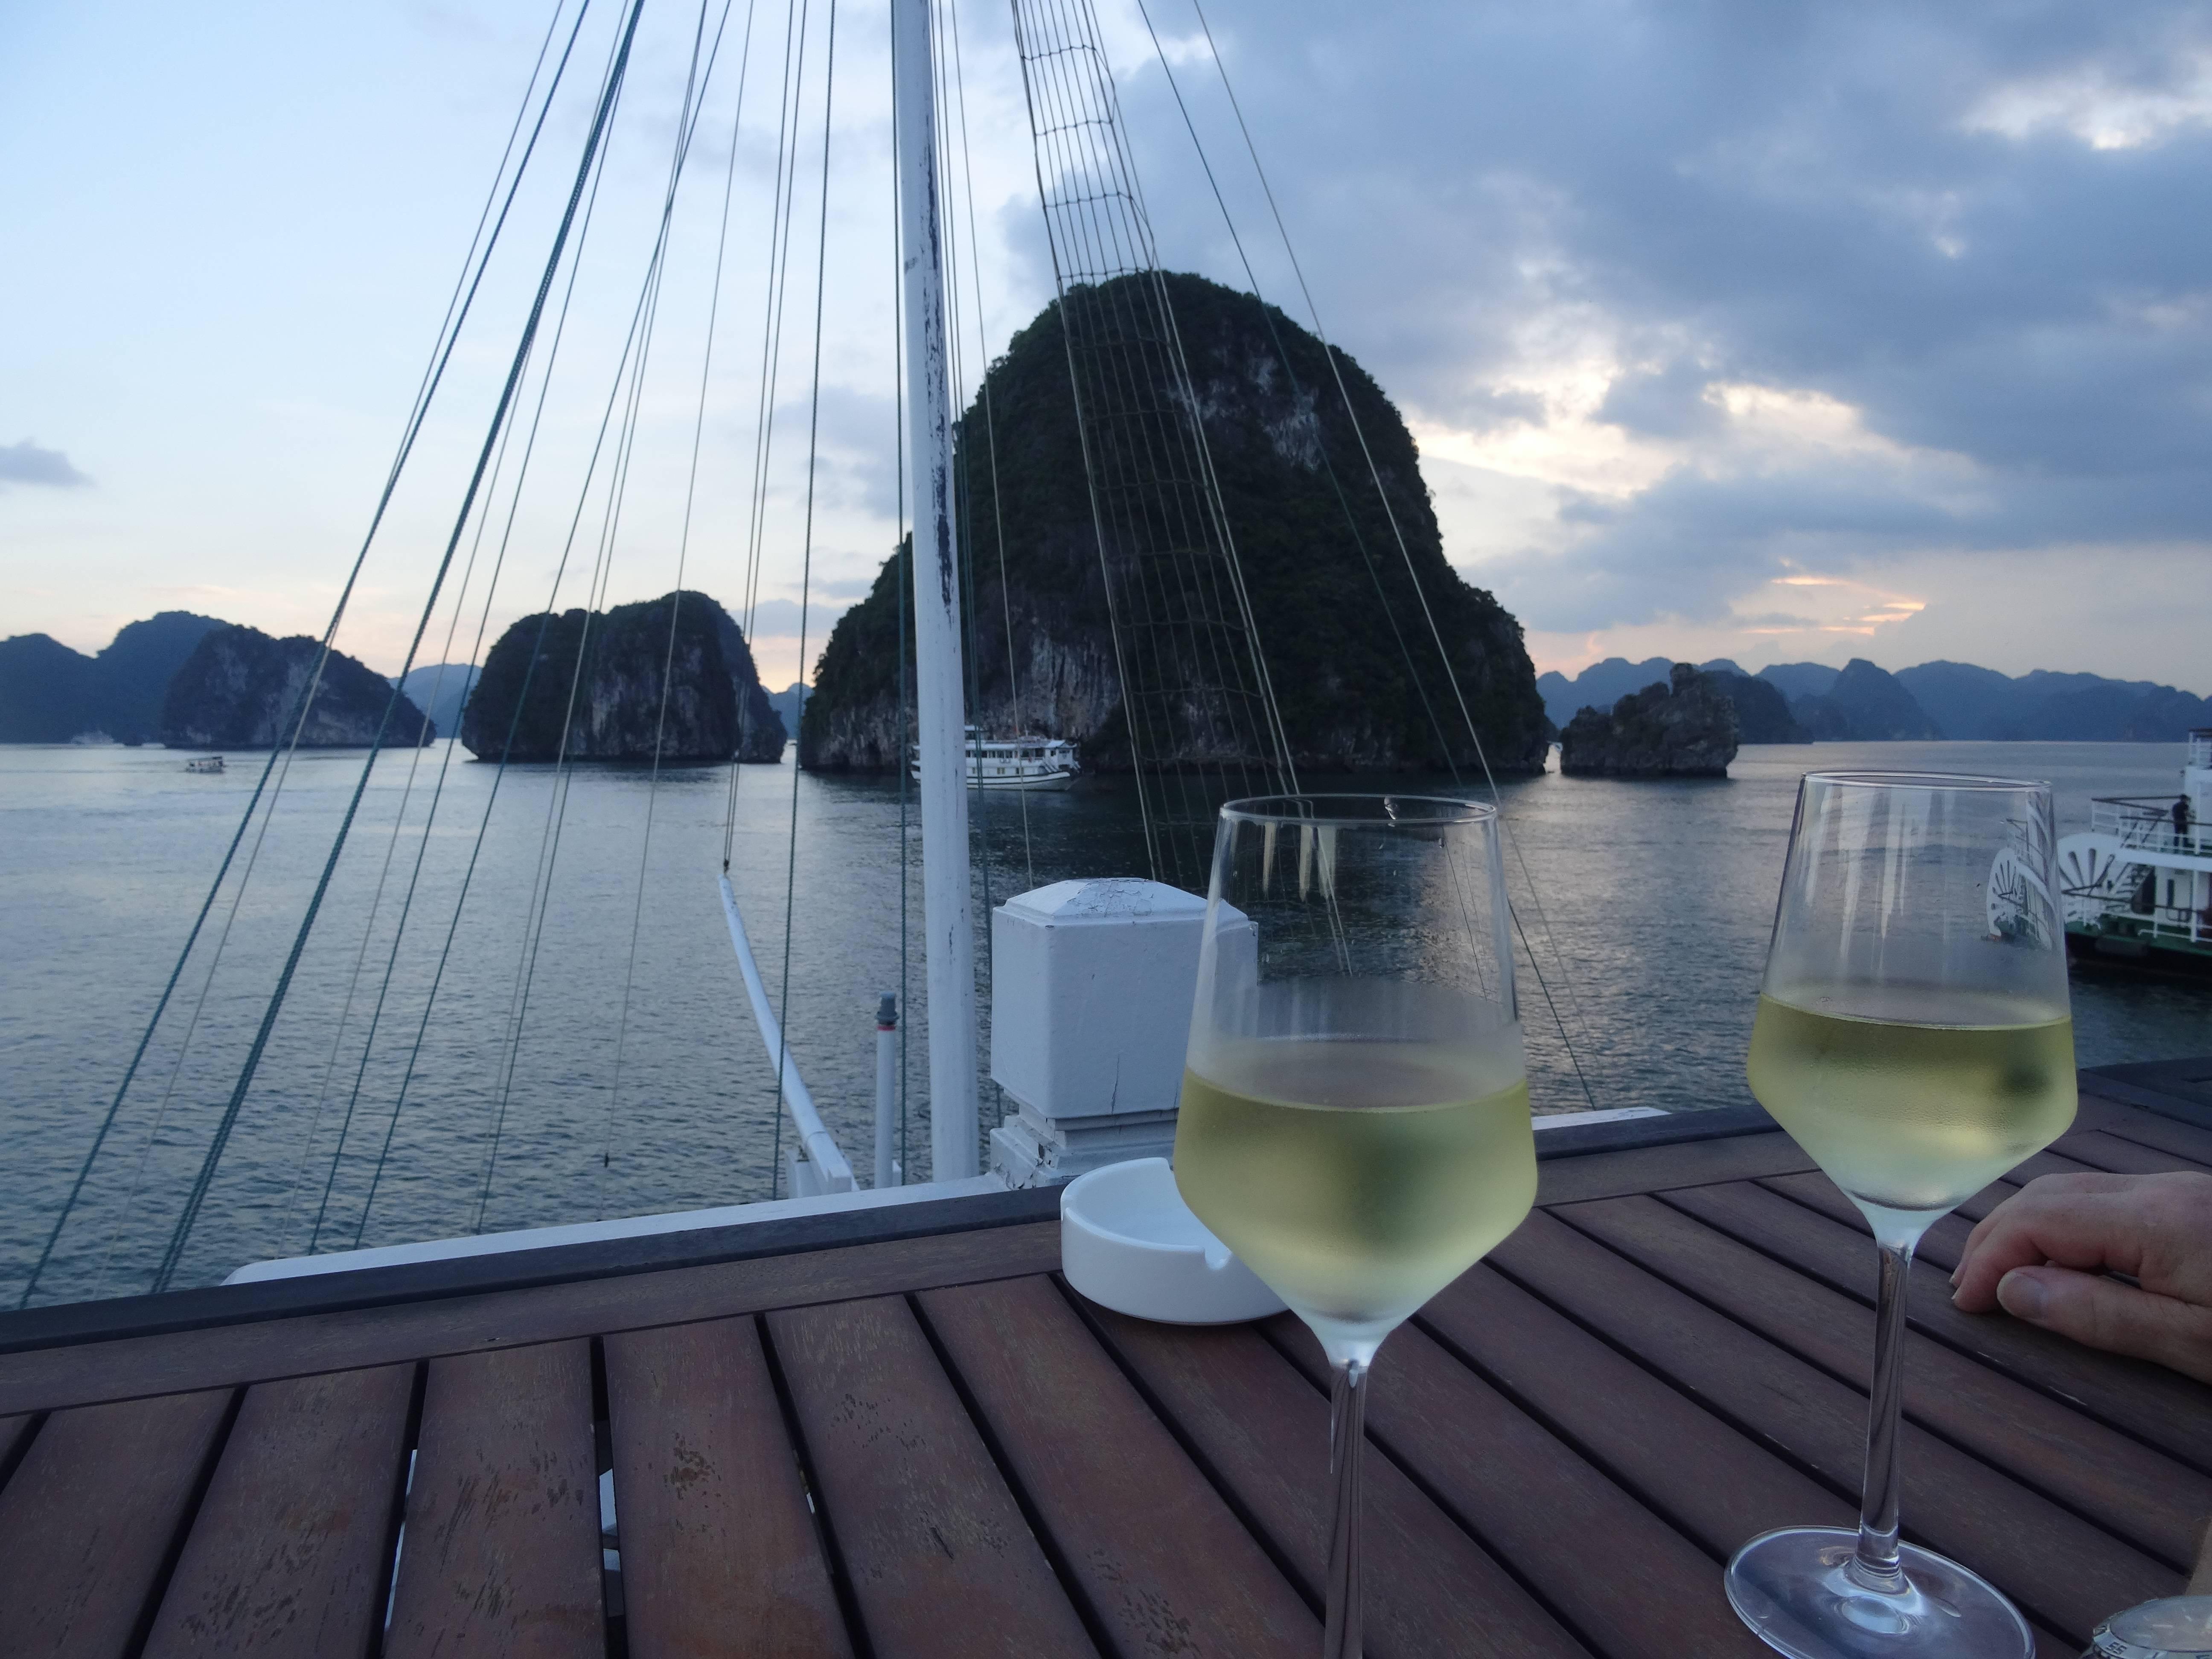 Photo 2: Vietnam....Baie d'Along, un coup de coeur...et sous un ciel bleu....